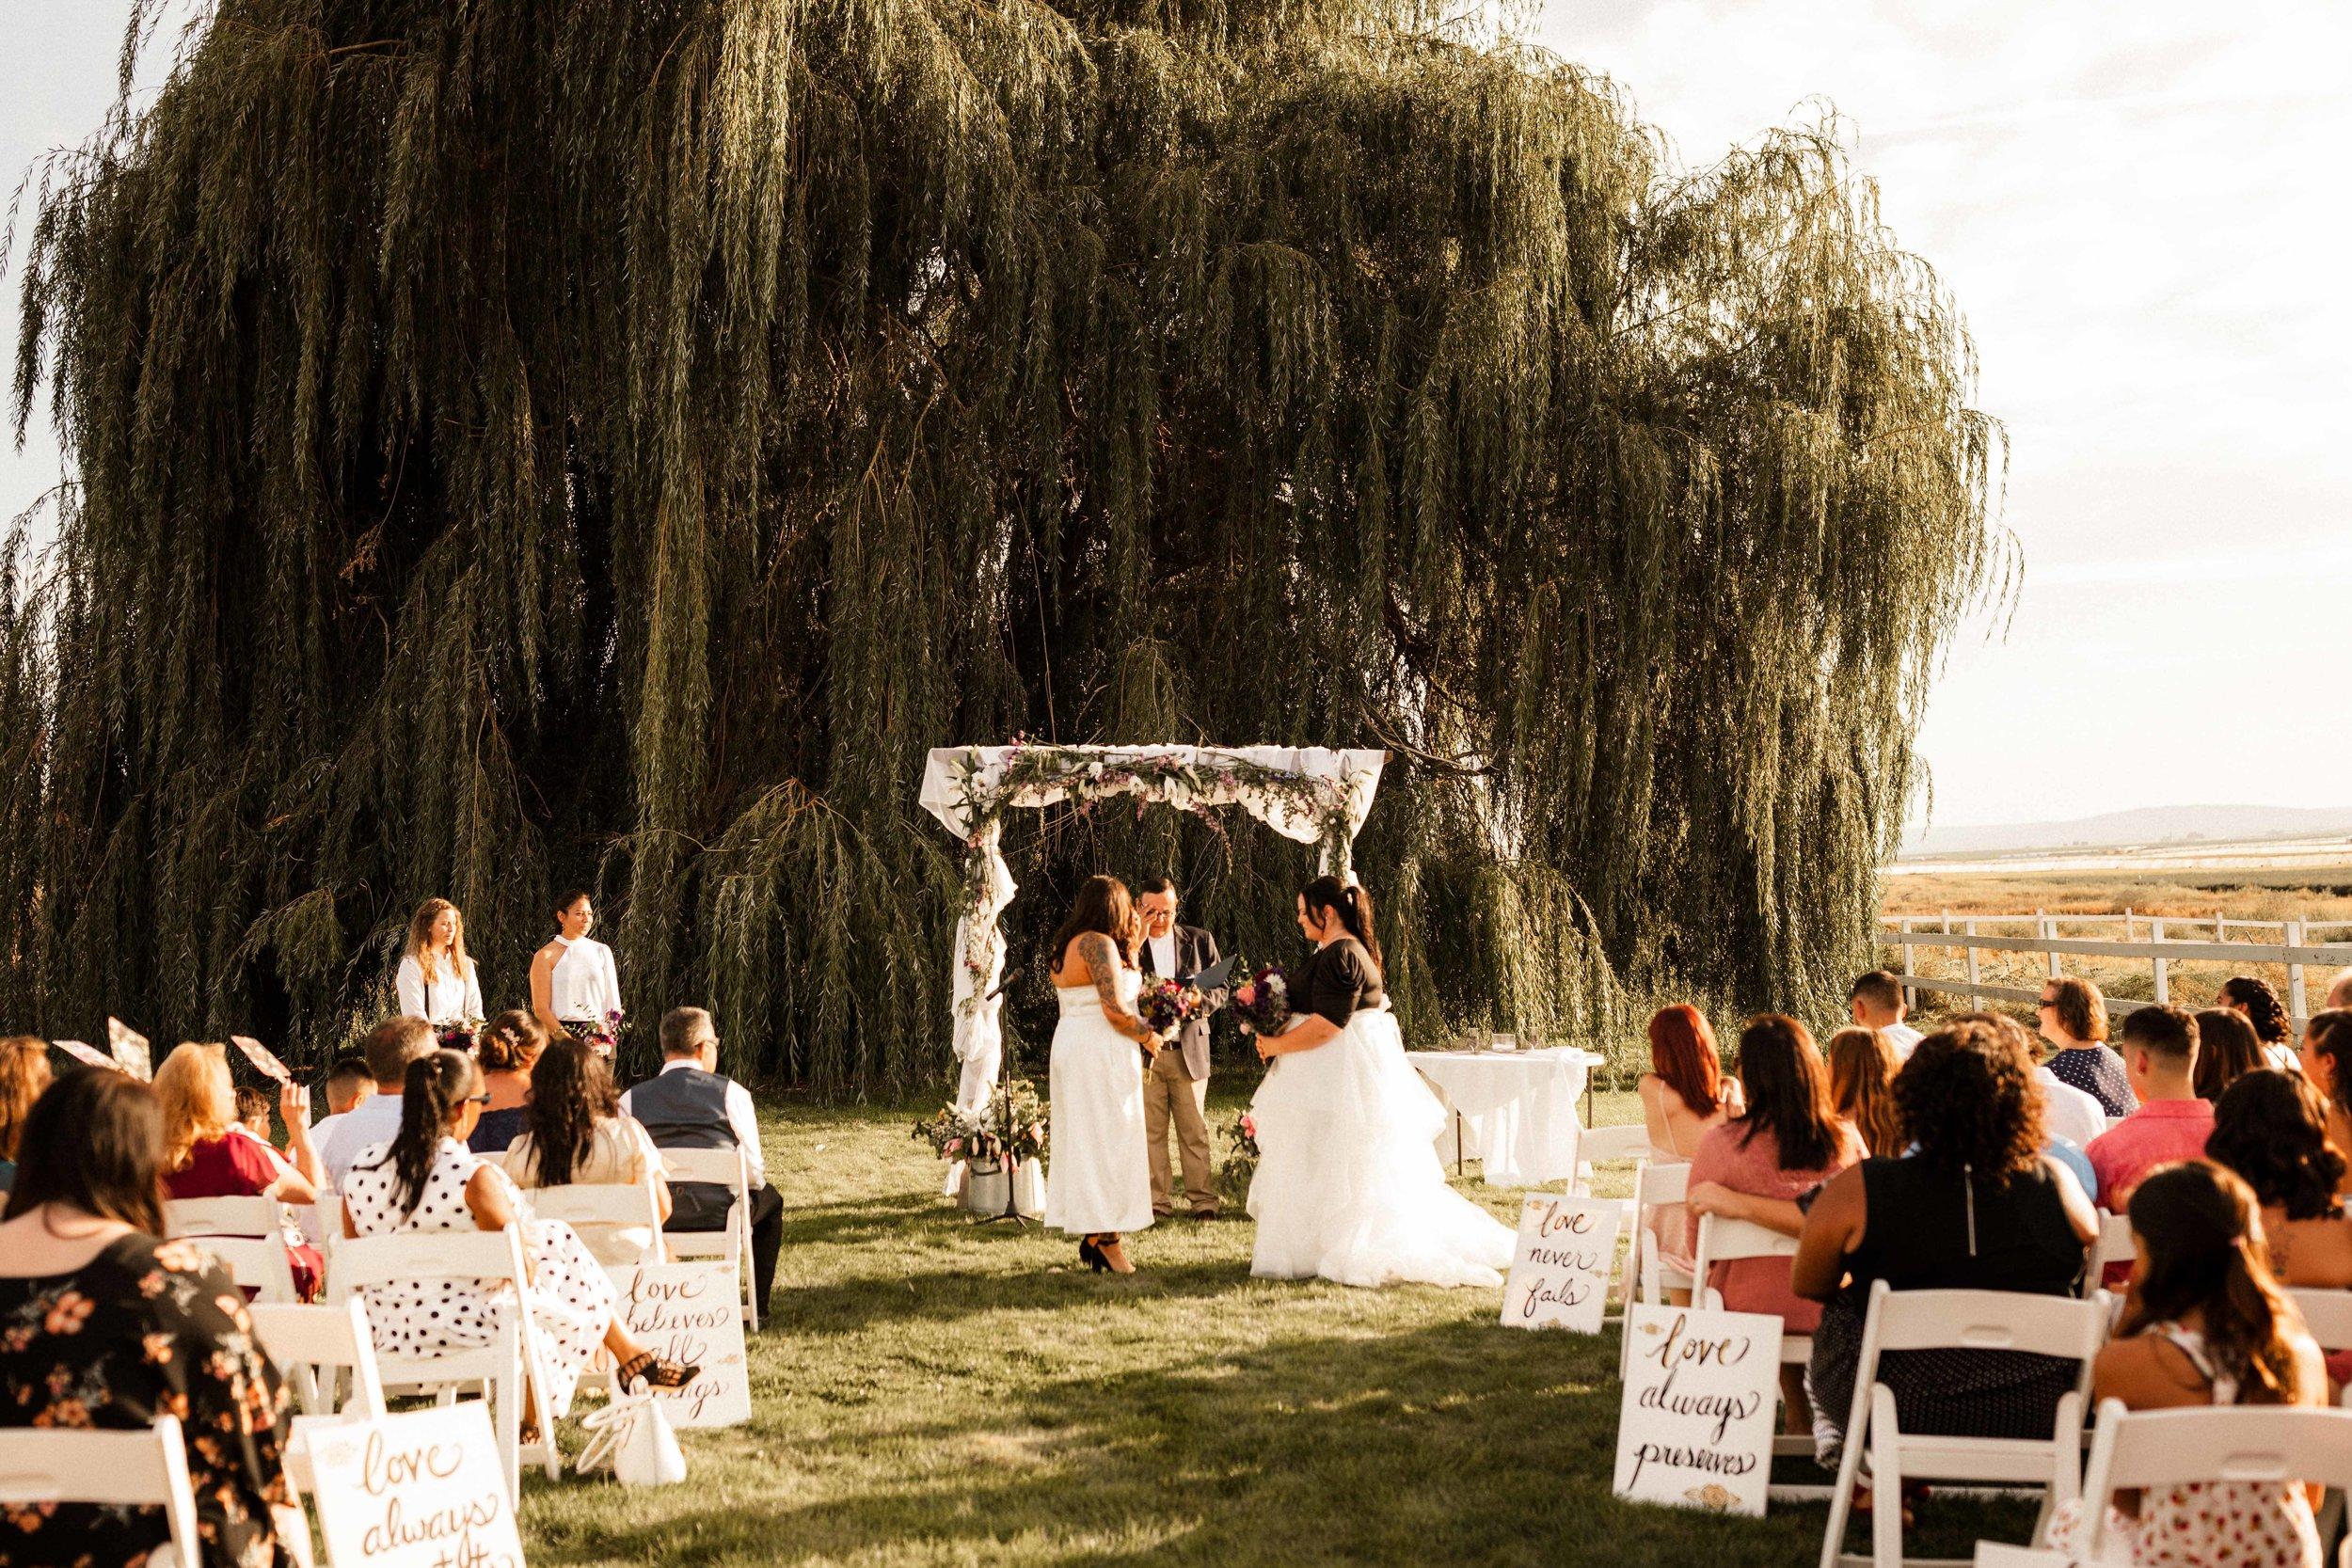 pasco-wedding-photos-14.jpg